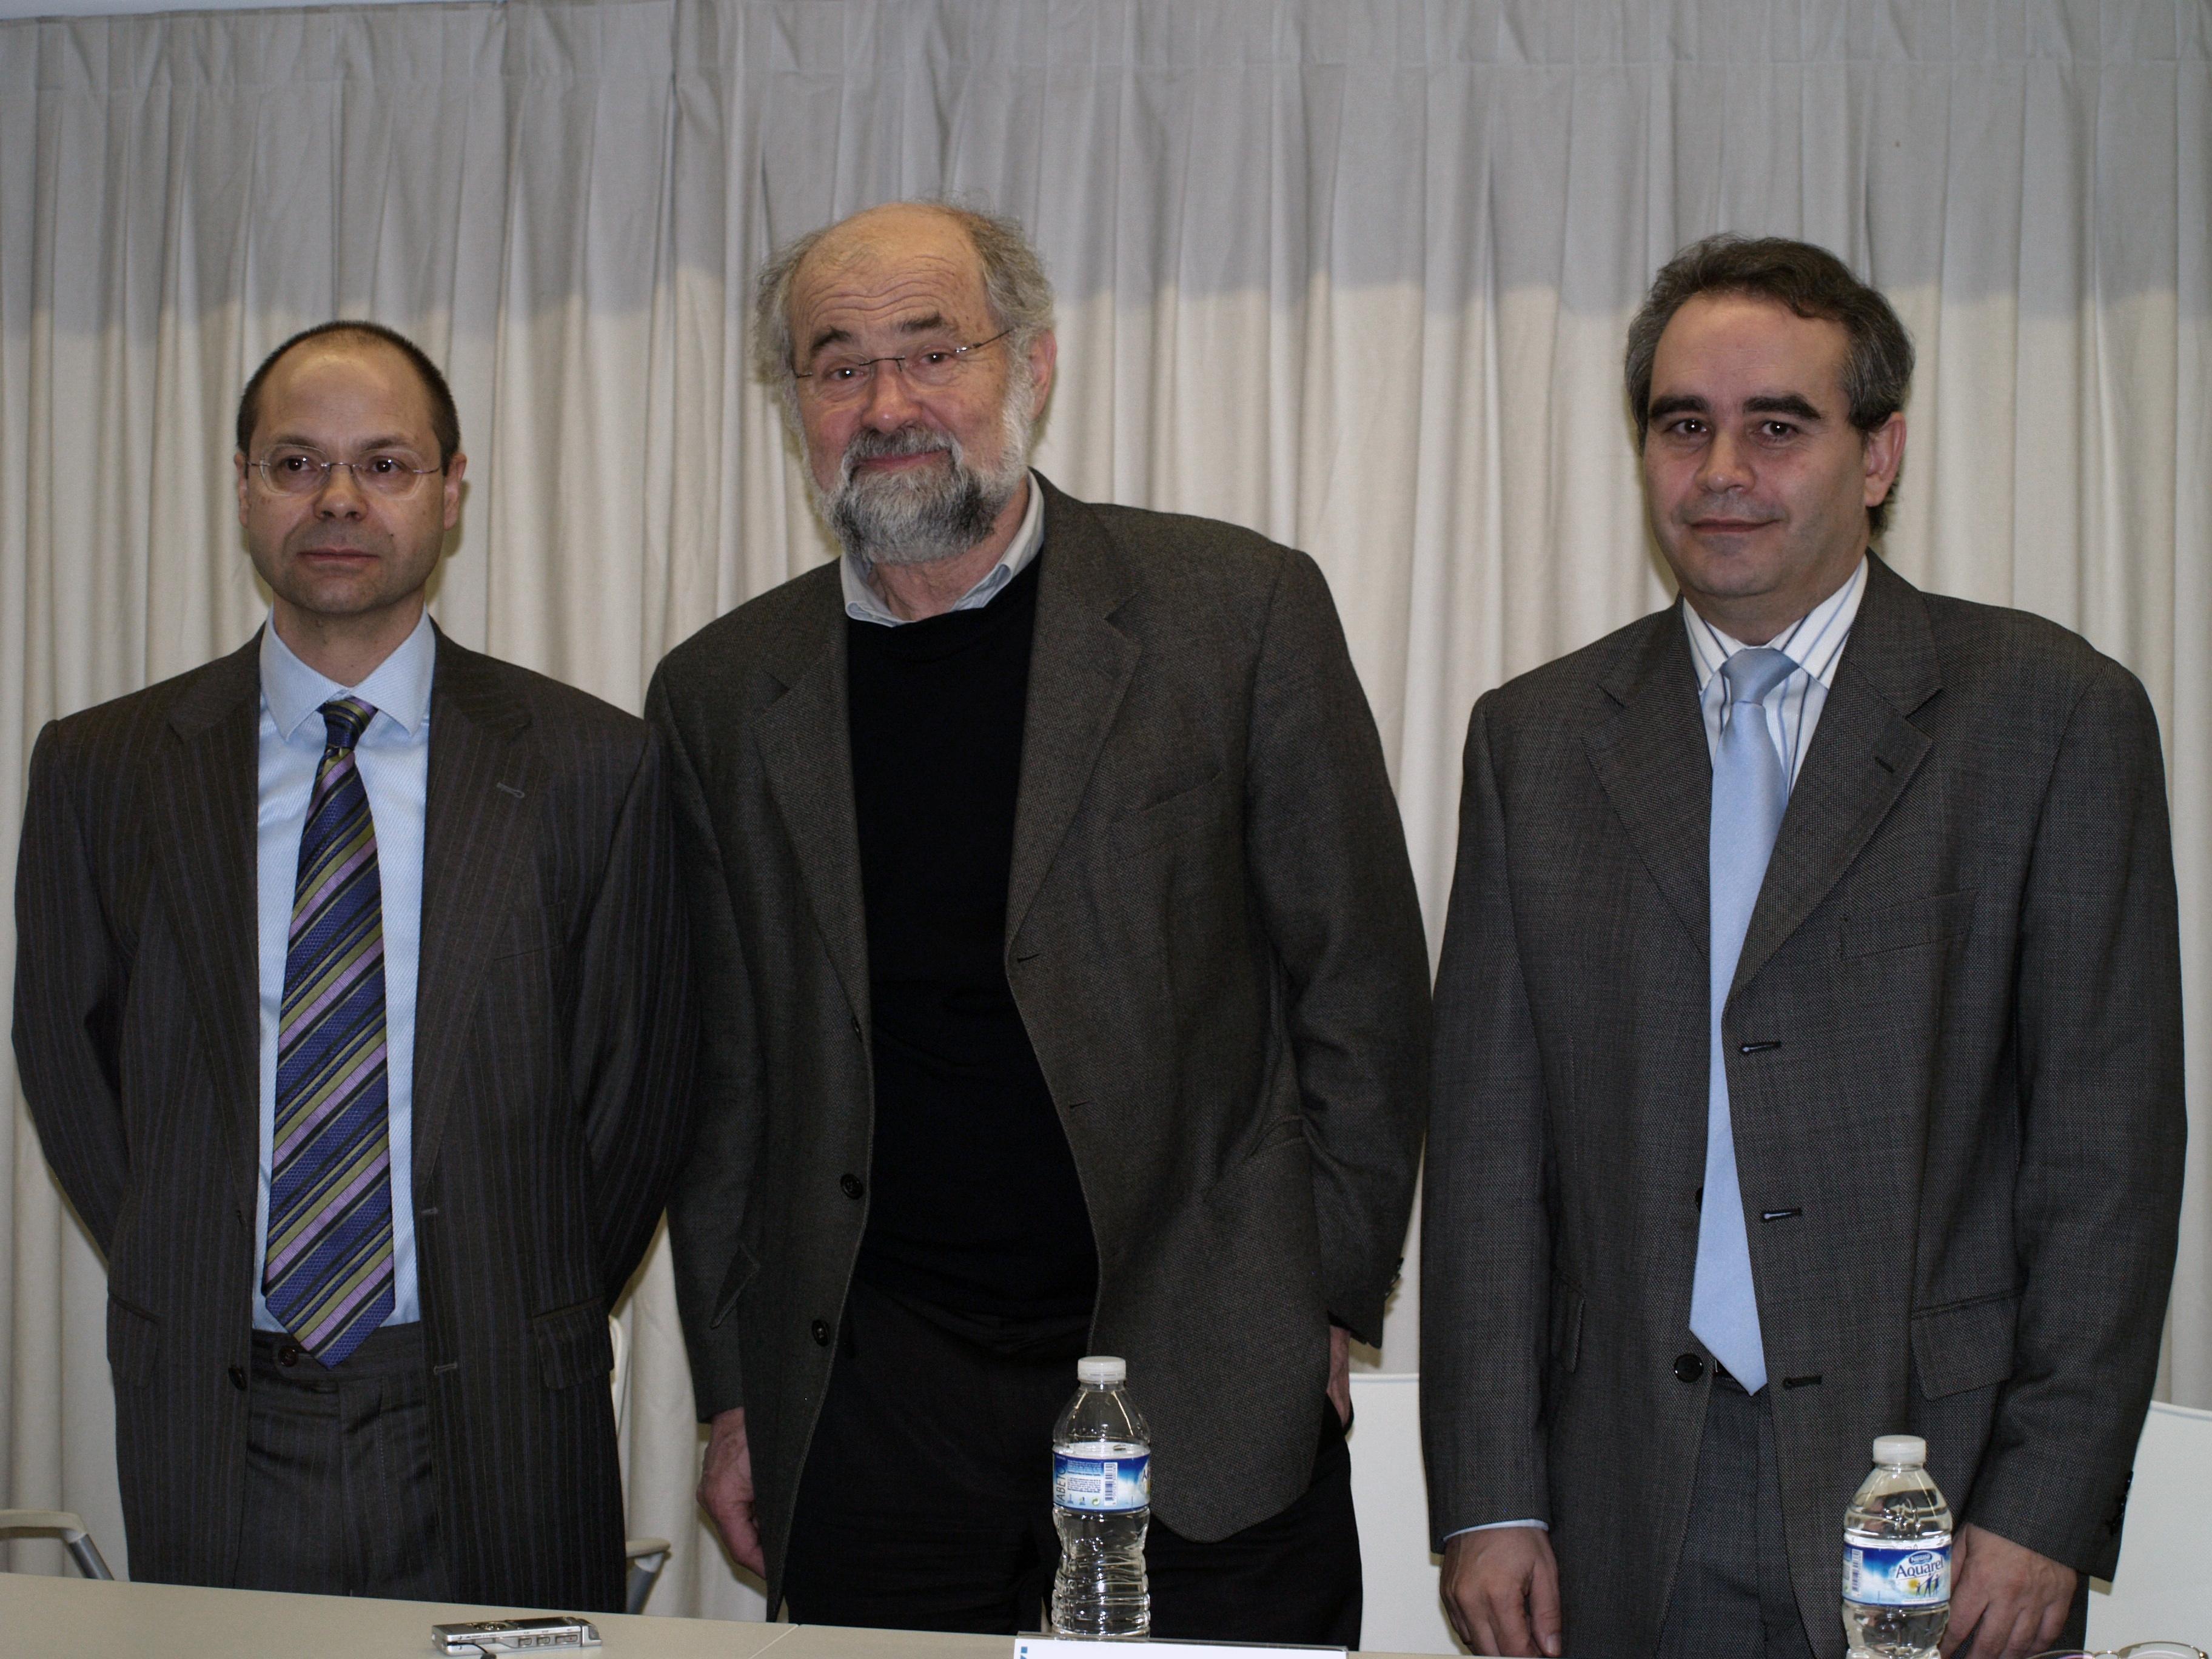 El Premio Nobel de Medicina Erwin Neher visita la Universidad de Salamanca para impartir un seminario en el INCYL